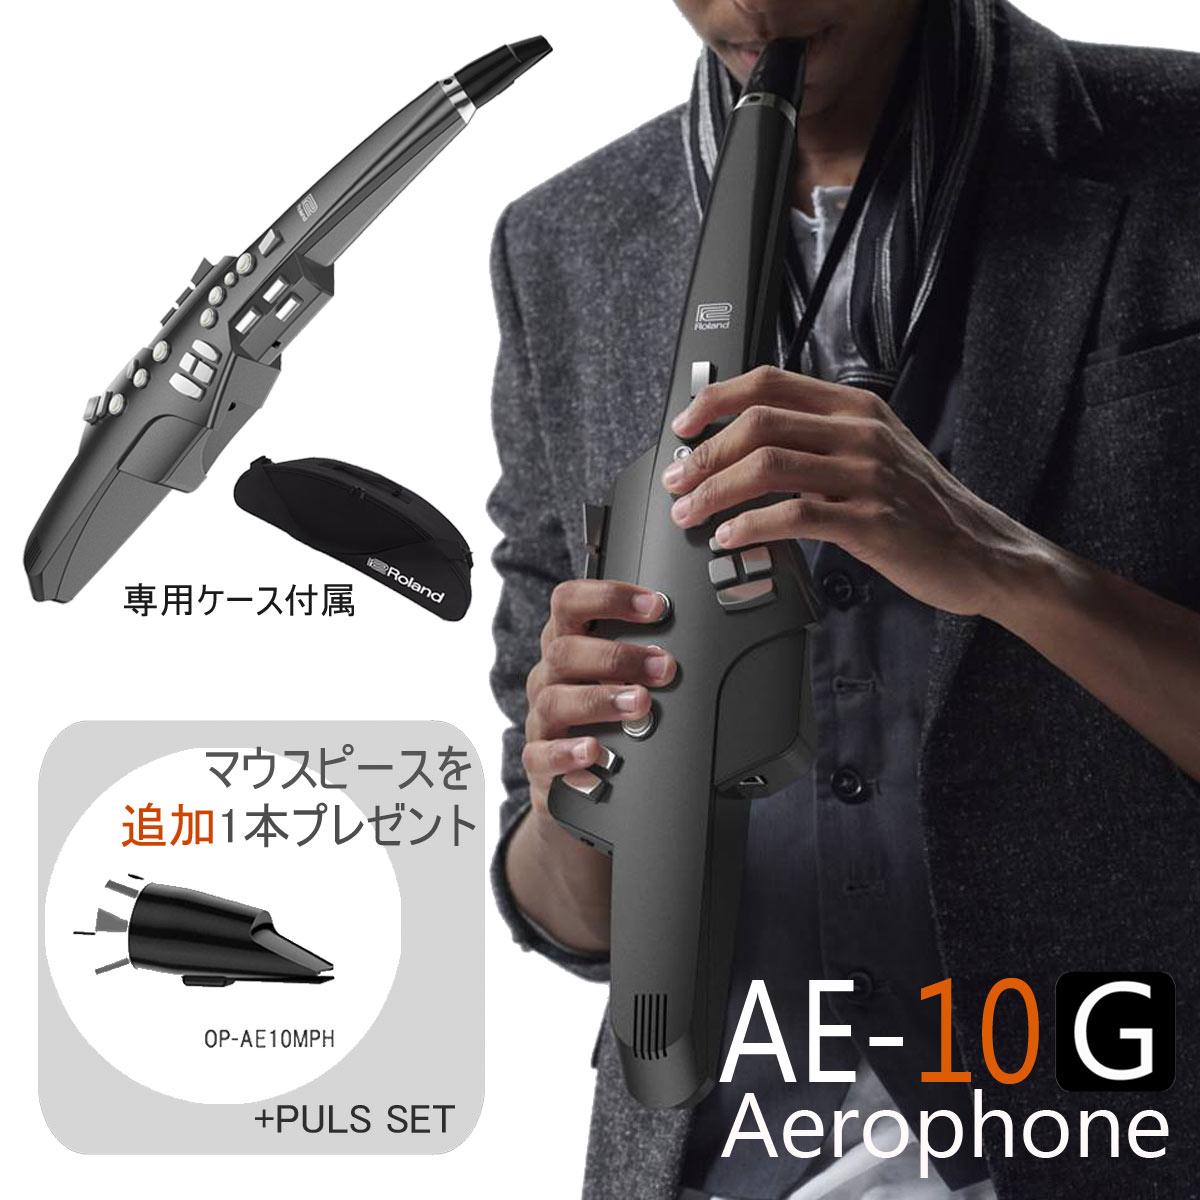 【在庫あり】Roland ローランド / Aerophone AE-10G グラファイトブラック エアロフォン 《交換用マウスピースプレゼント》【送料無料】【YRK】